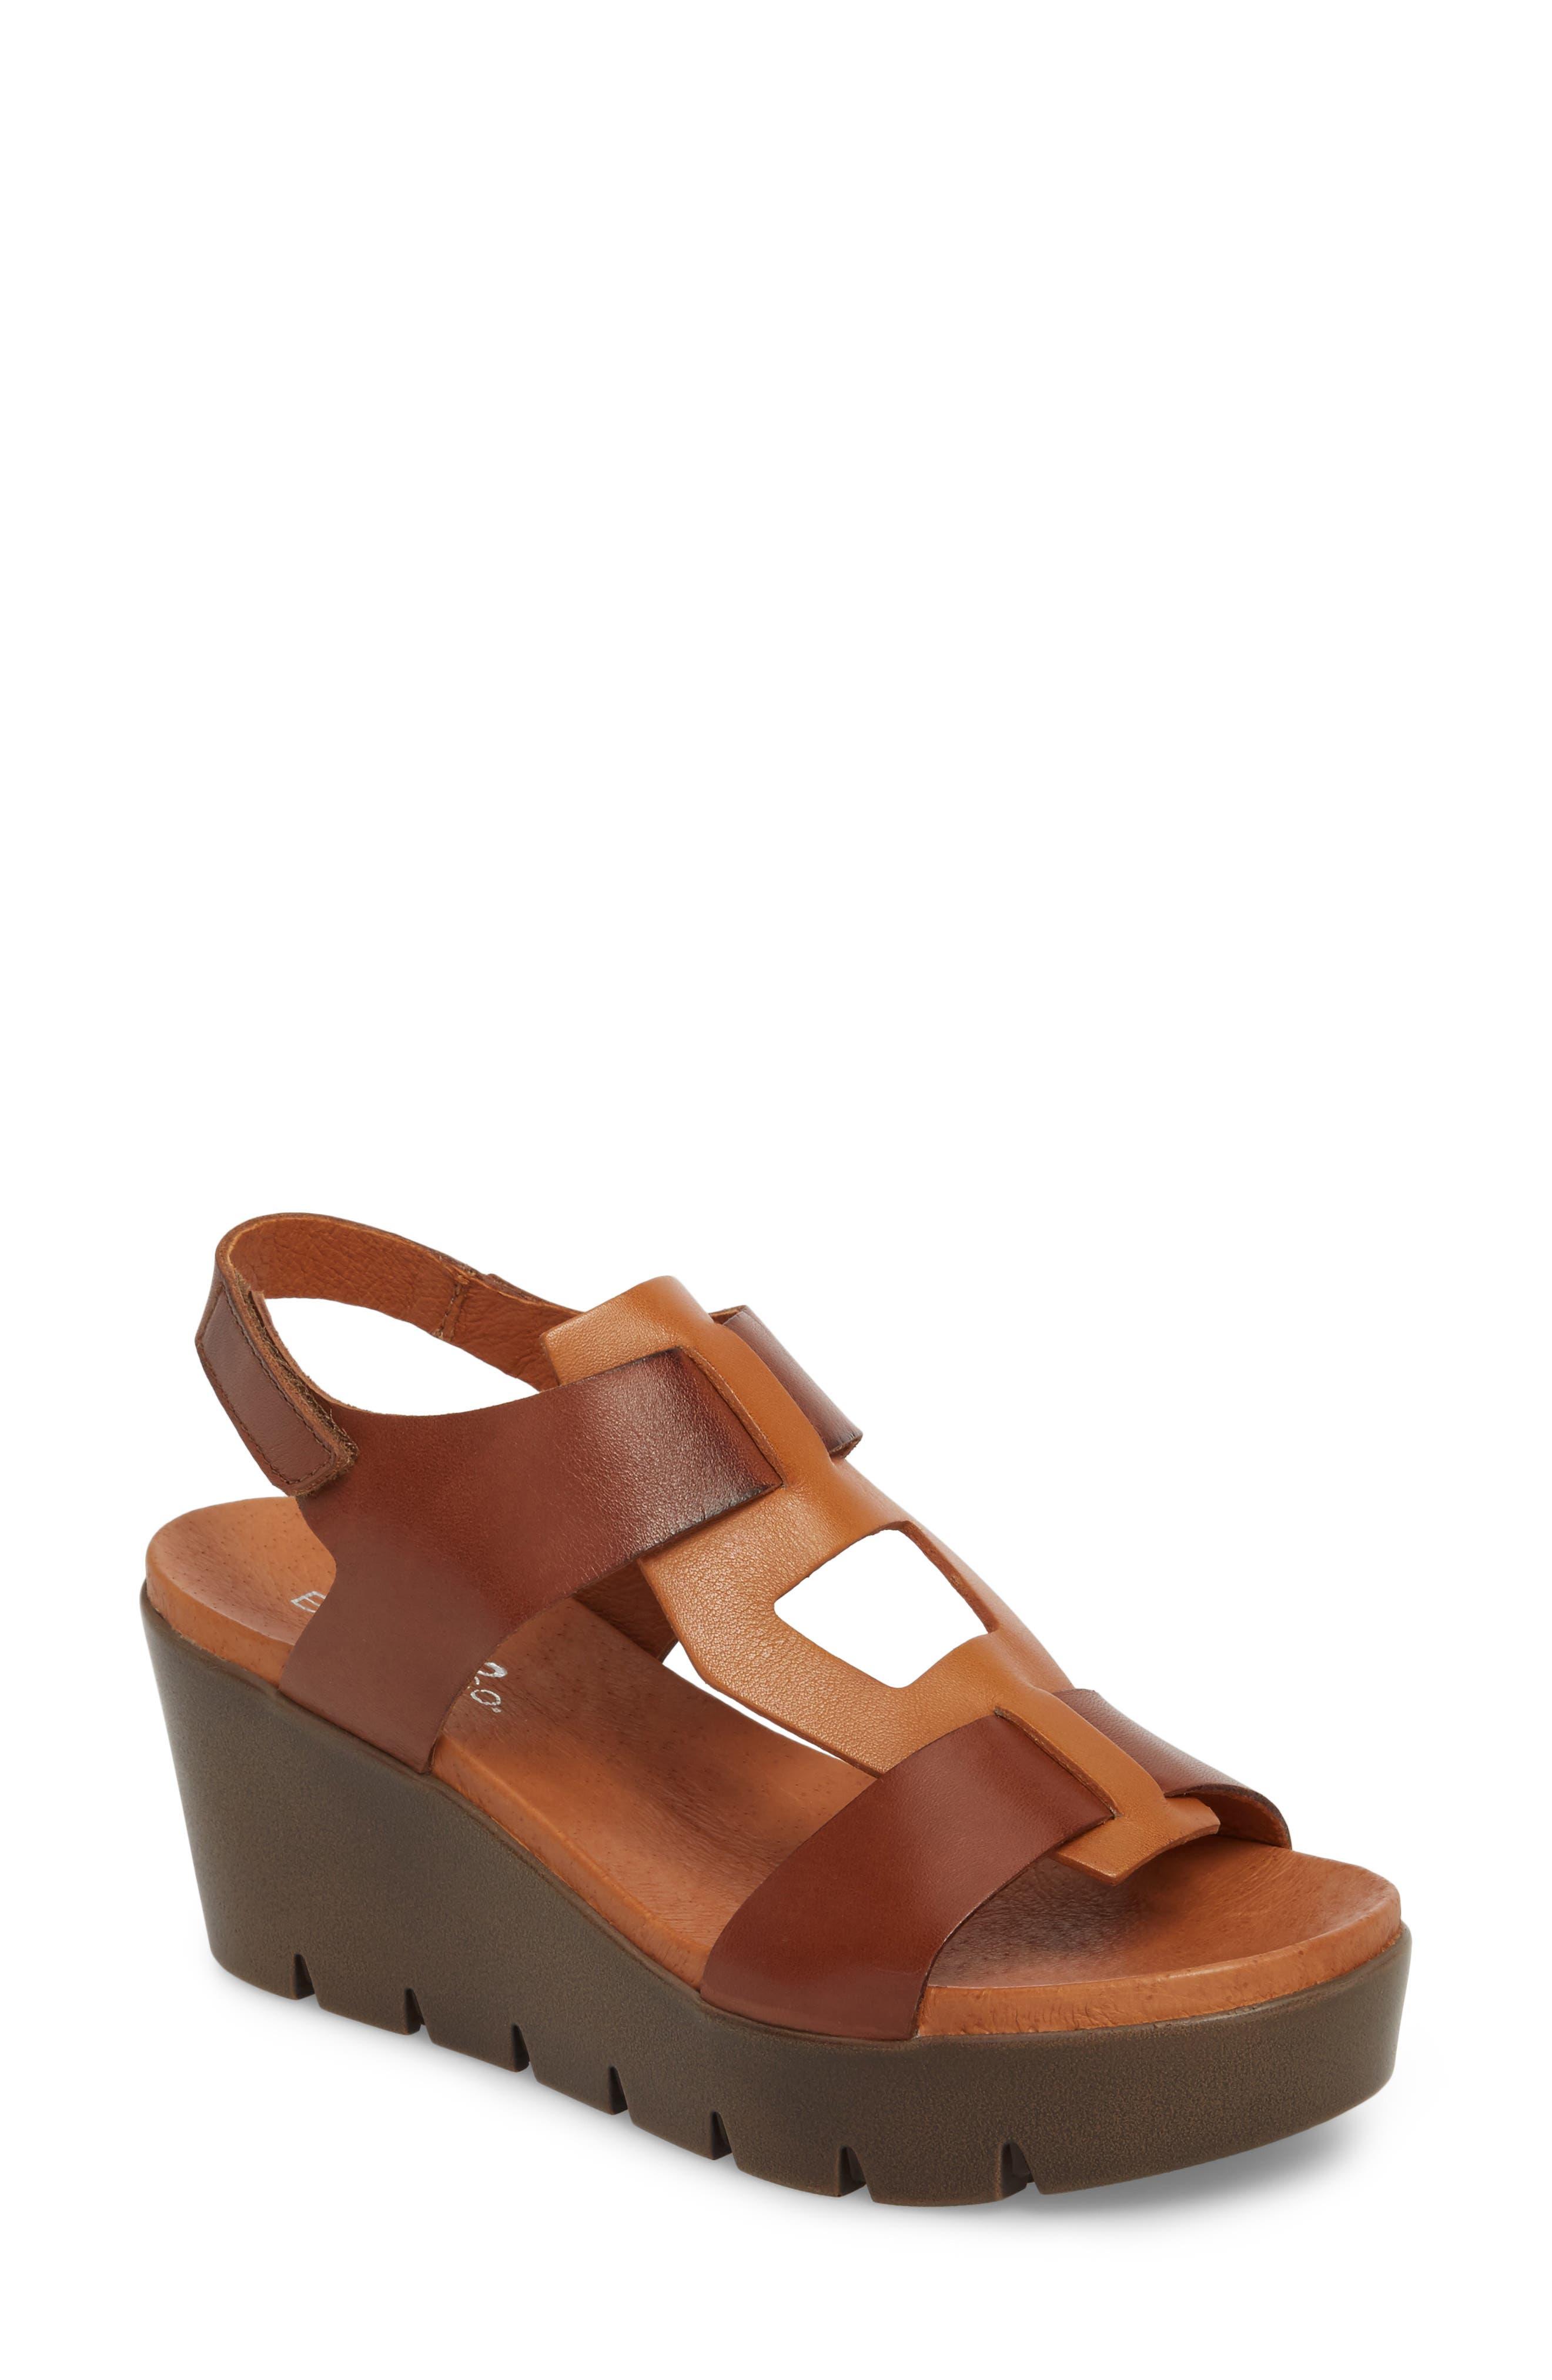 Somo Platform Wedge Sandal,                         Main,                         color, Cognac/ Camel Leather